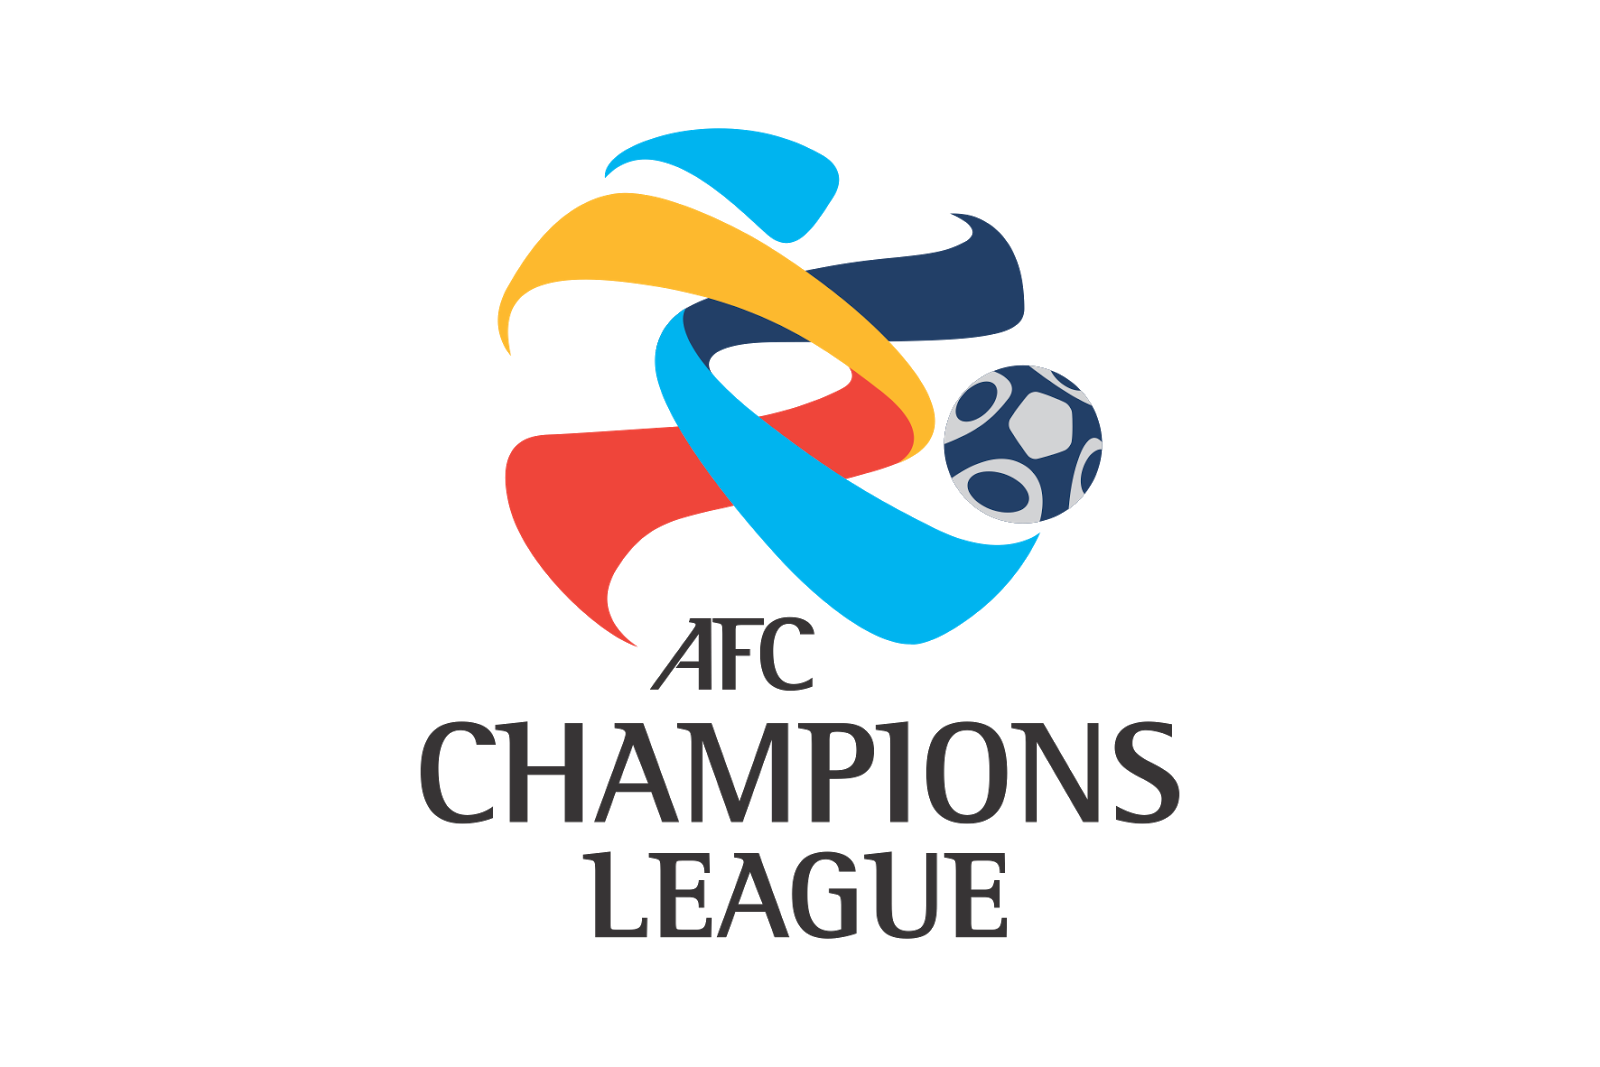 Afc Champions League PNG-PlusPNG.com-1600 - Afc Champions League PNG